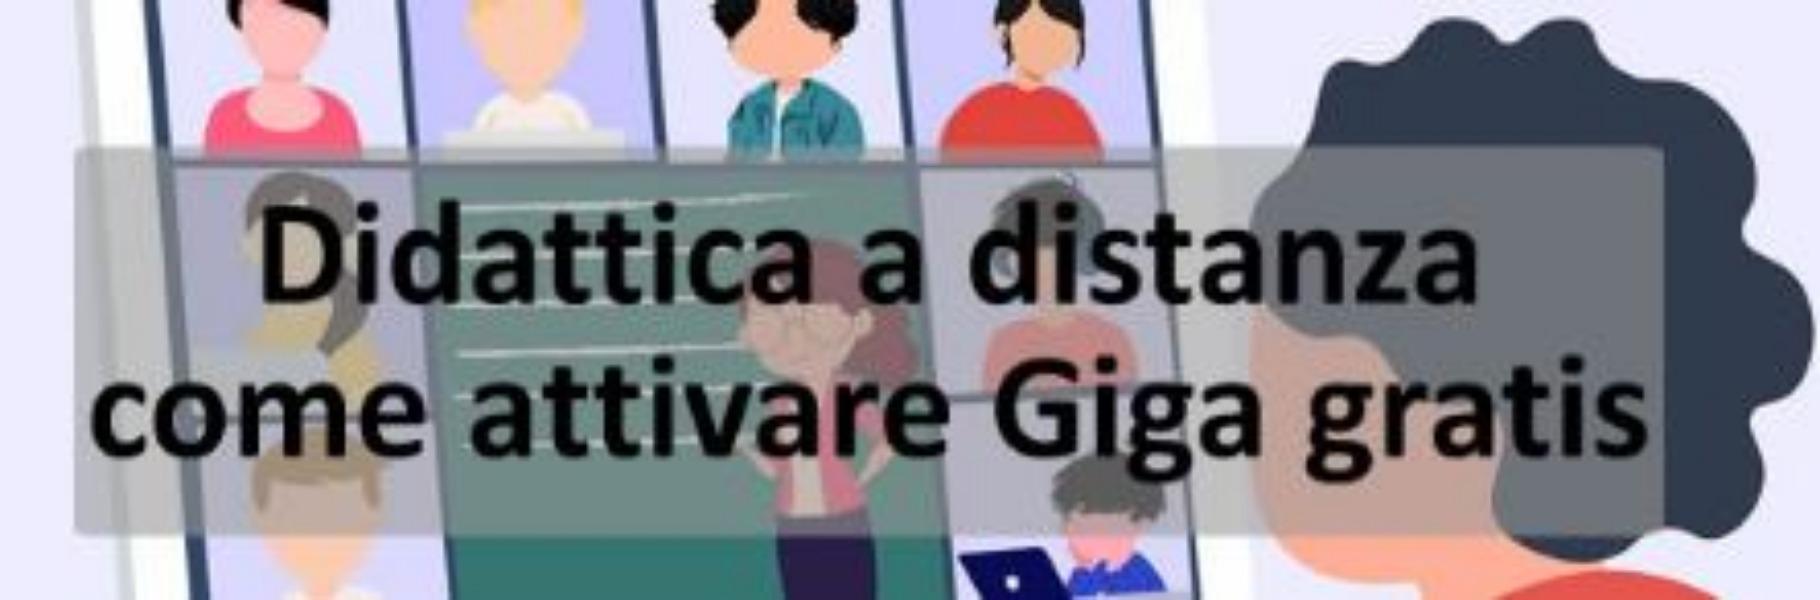 DIDATTICA A DISTANZA, ECCO COME ATTIVARE L'OFFERTA PER I GIGA GRATIS AGLI STUDENTI